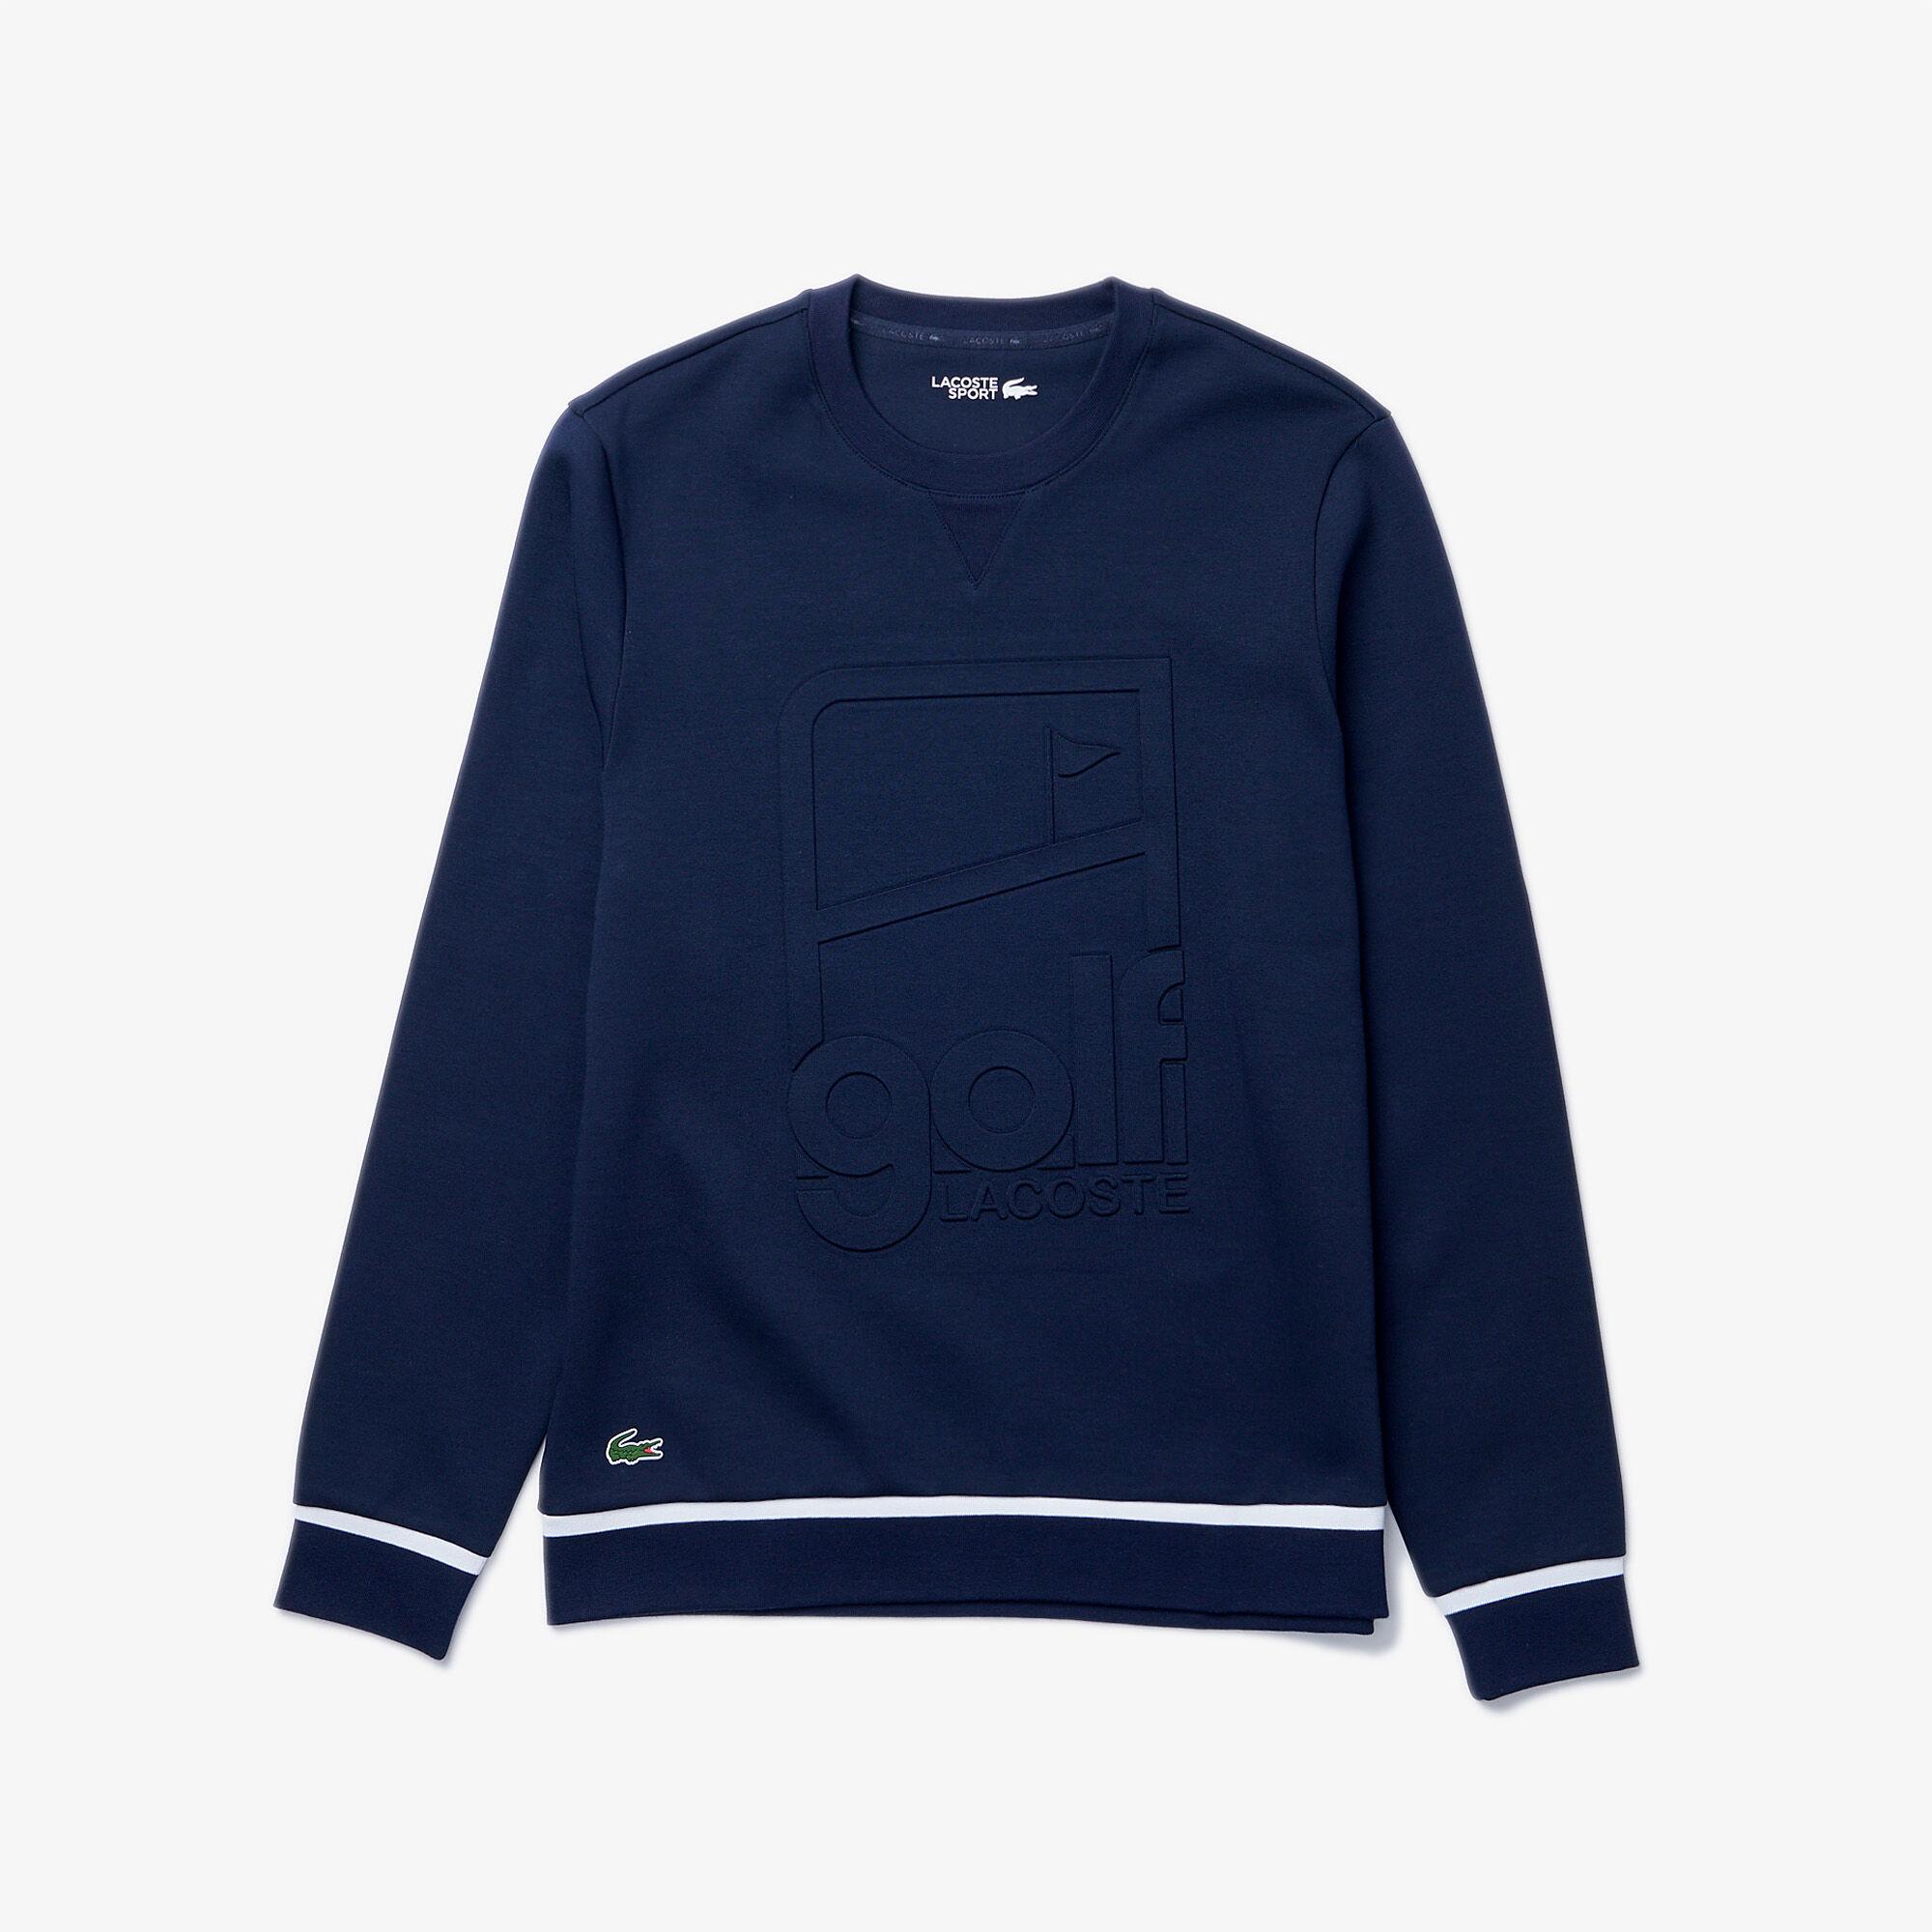 Men's Lacoste SPORT Crew Neck Graphic Print Golf Sweatshirt